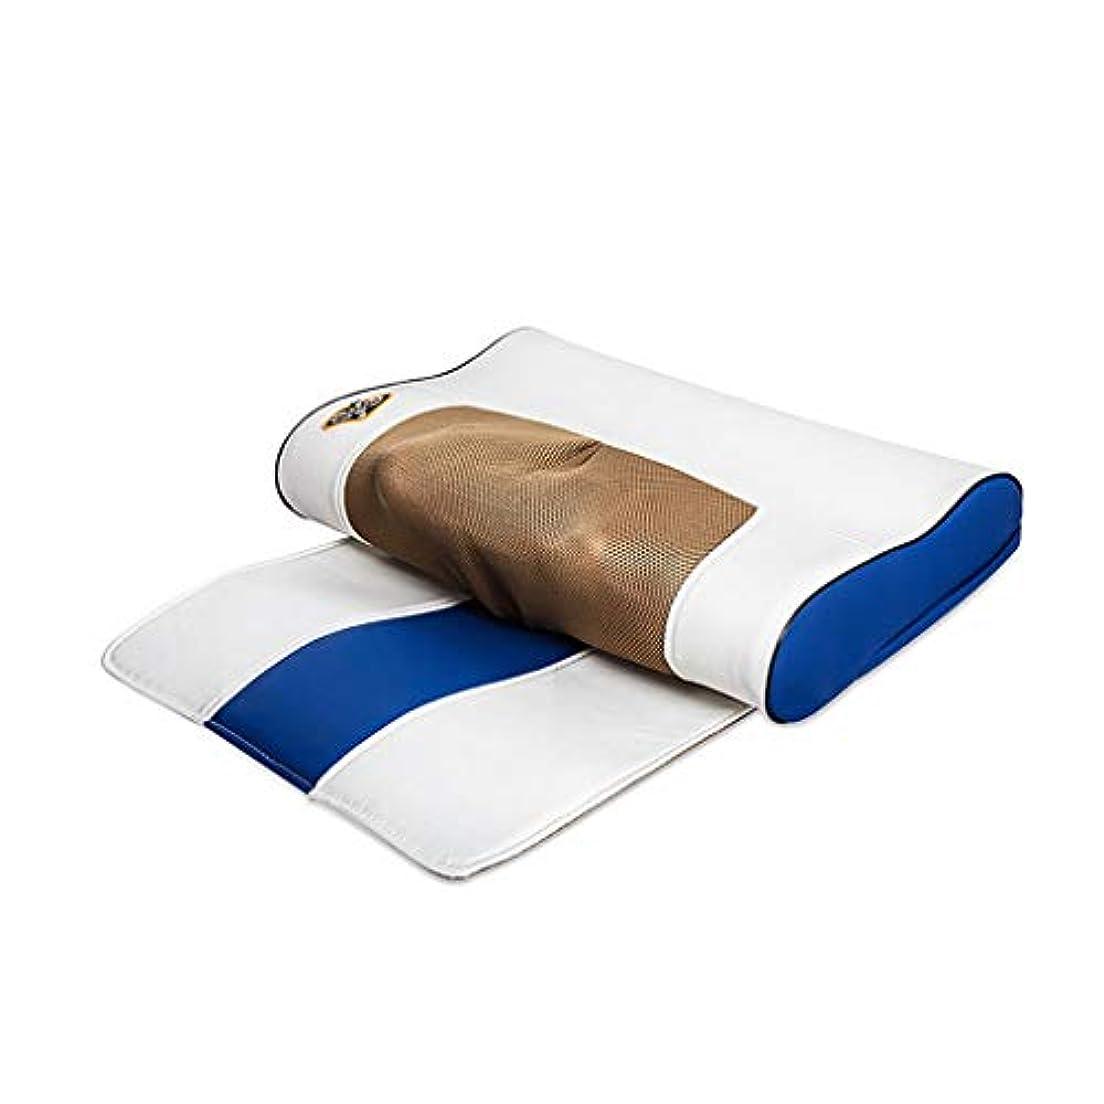 起きる疎外するやりがいのあるマッサージャー、ホーム多機能頸部マッサージ、ウエストバックハンド、ショルダー、ショルダー、頚部マッサージ枕、多機能電動混練マッサージクッション